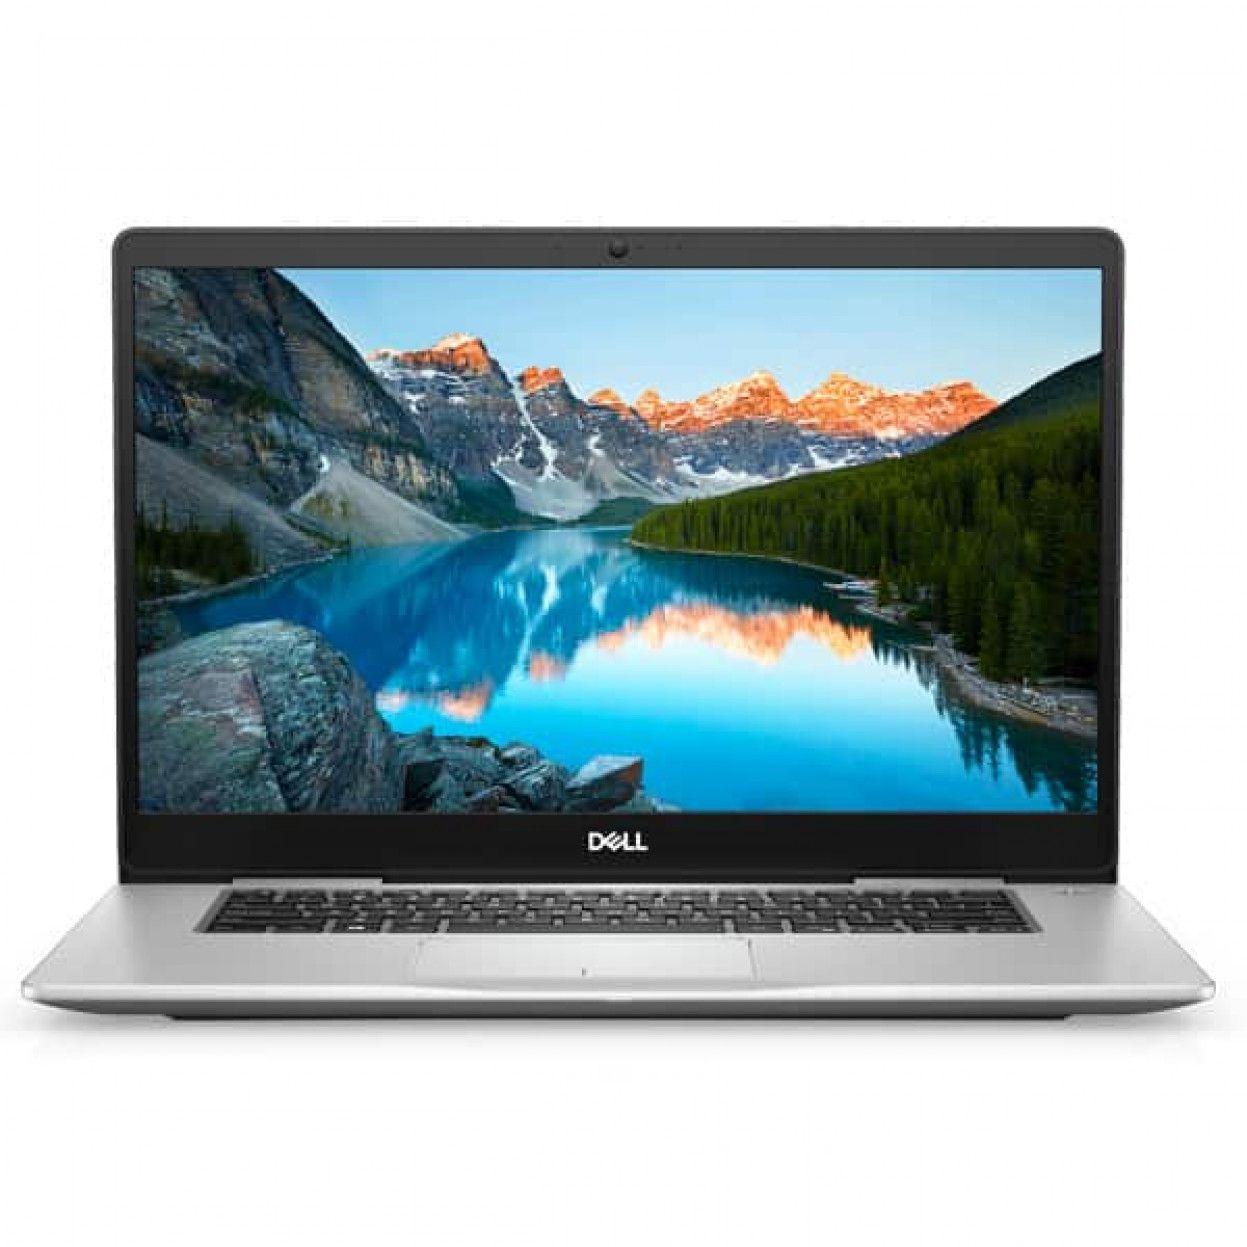 Notebook Dell Inspiron 7580 i7-8565U| 16GB DDR4| HD 1TB| SSD 128| GeForce MX150 2GB GDDR5| 15.6 FHD| Win10 Pro